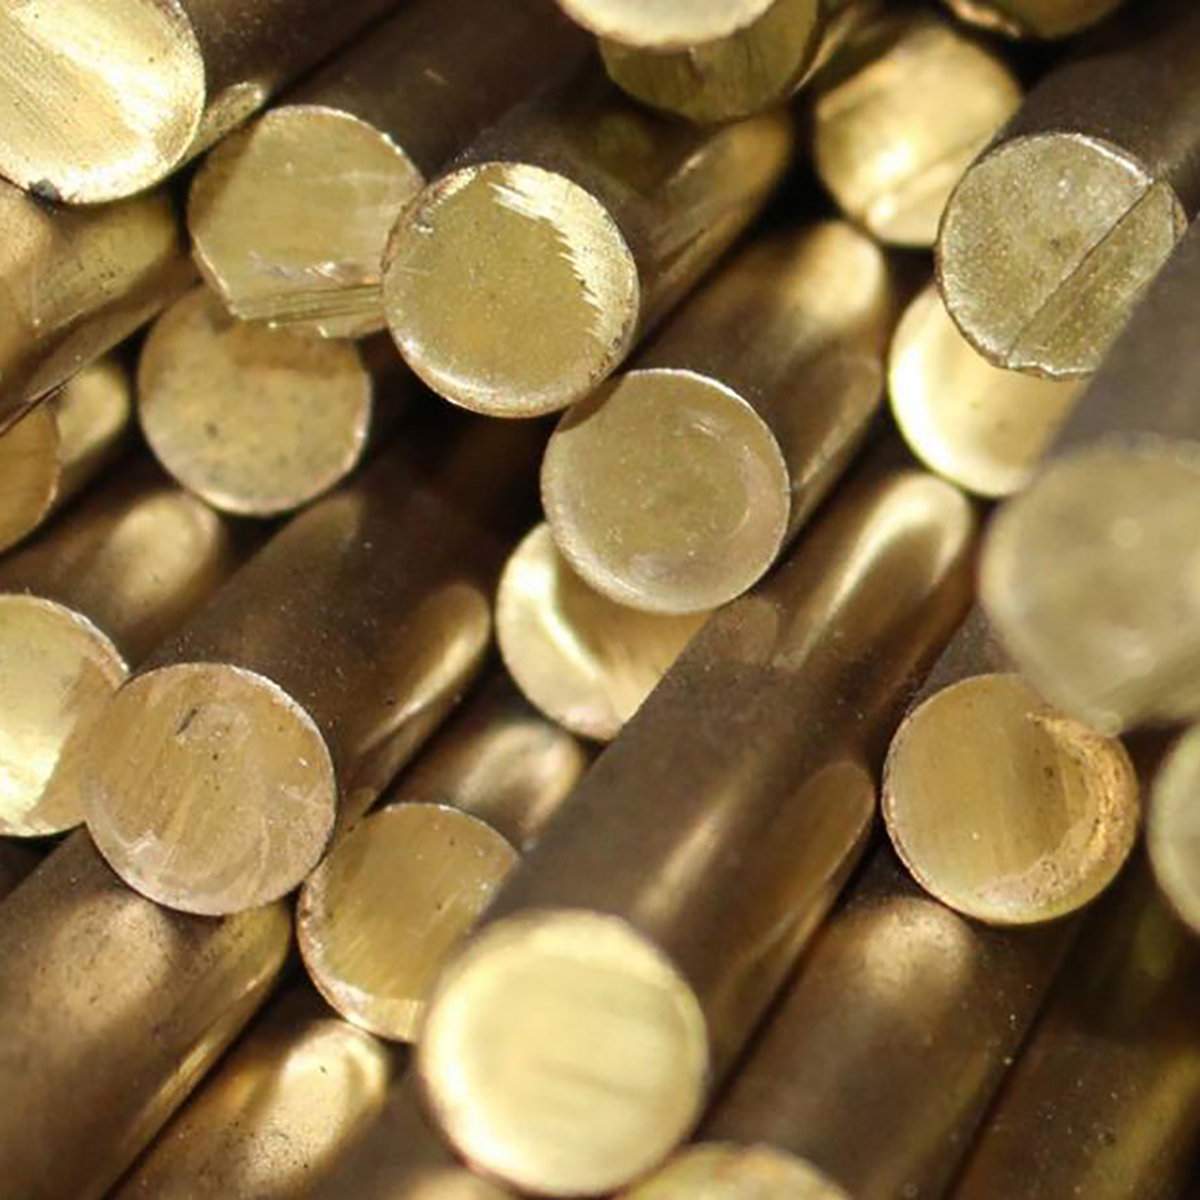 4mm le Tournage et le Per/çage Sharplace Barre Ronde en Laiton 4 pouces Circulaire Tube Outils de Fraisage